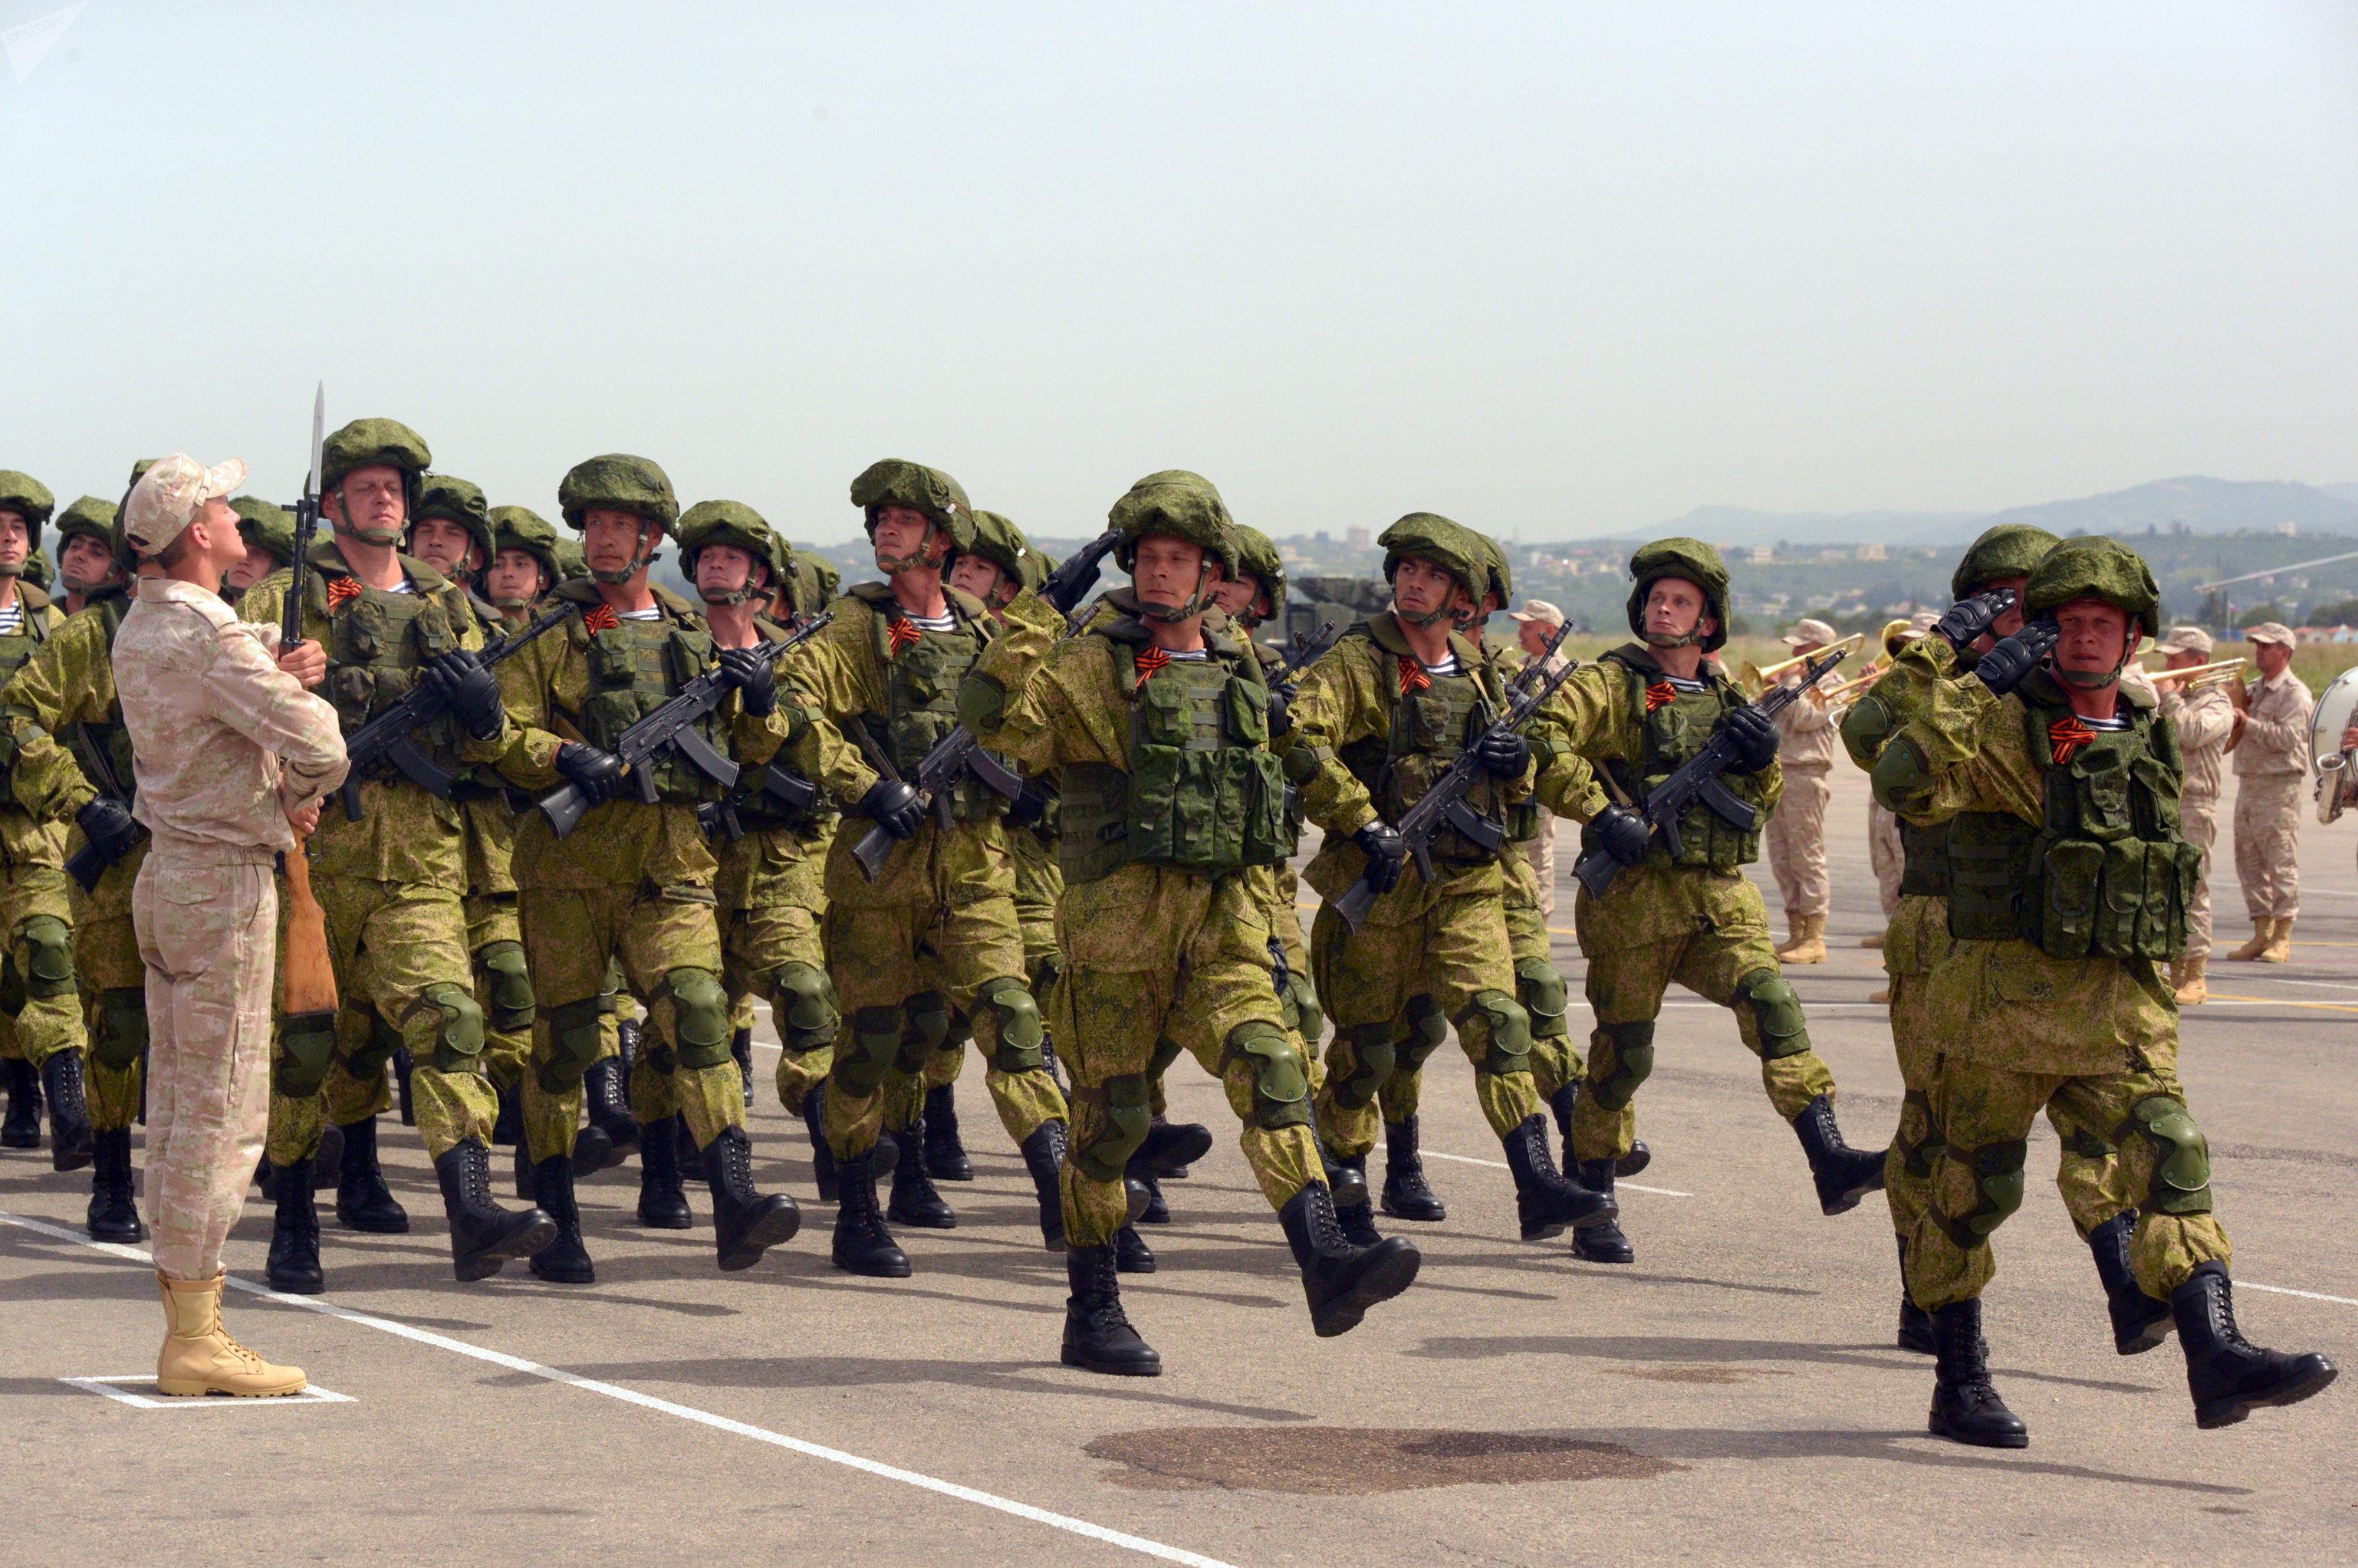 Défilé militaire en Syrie